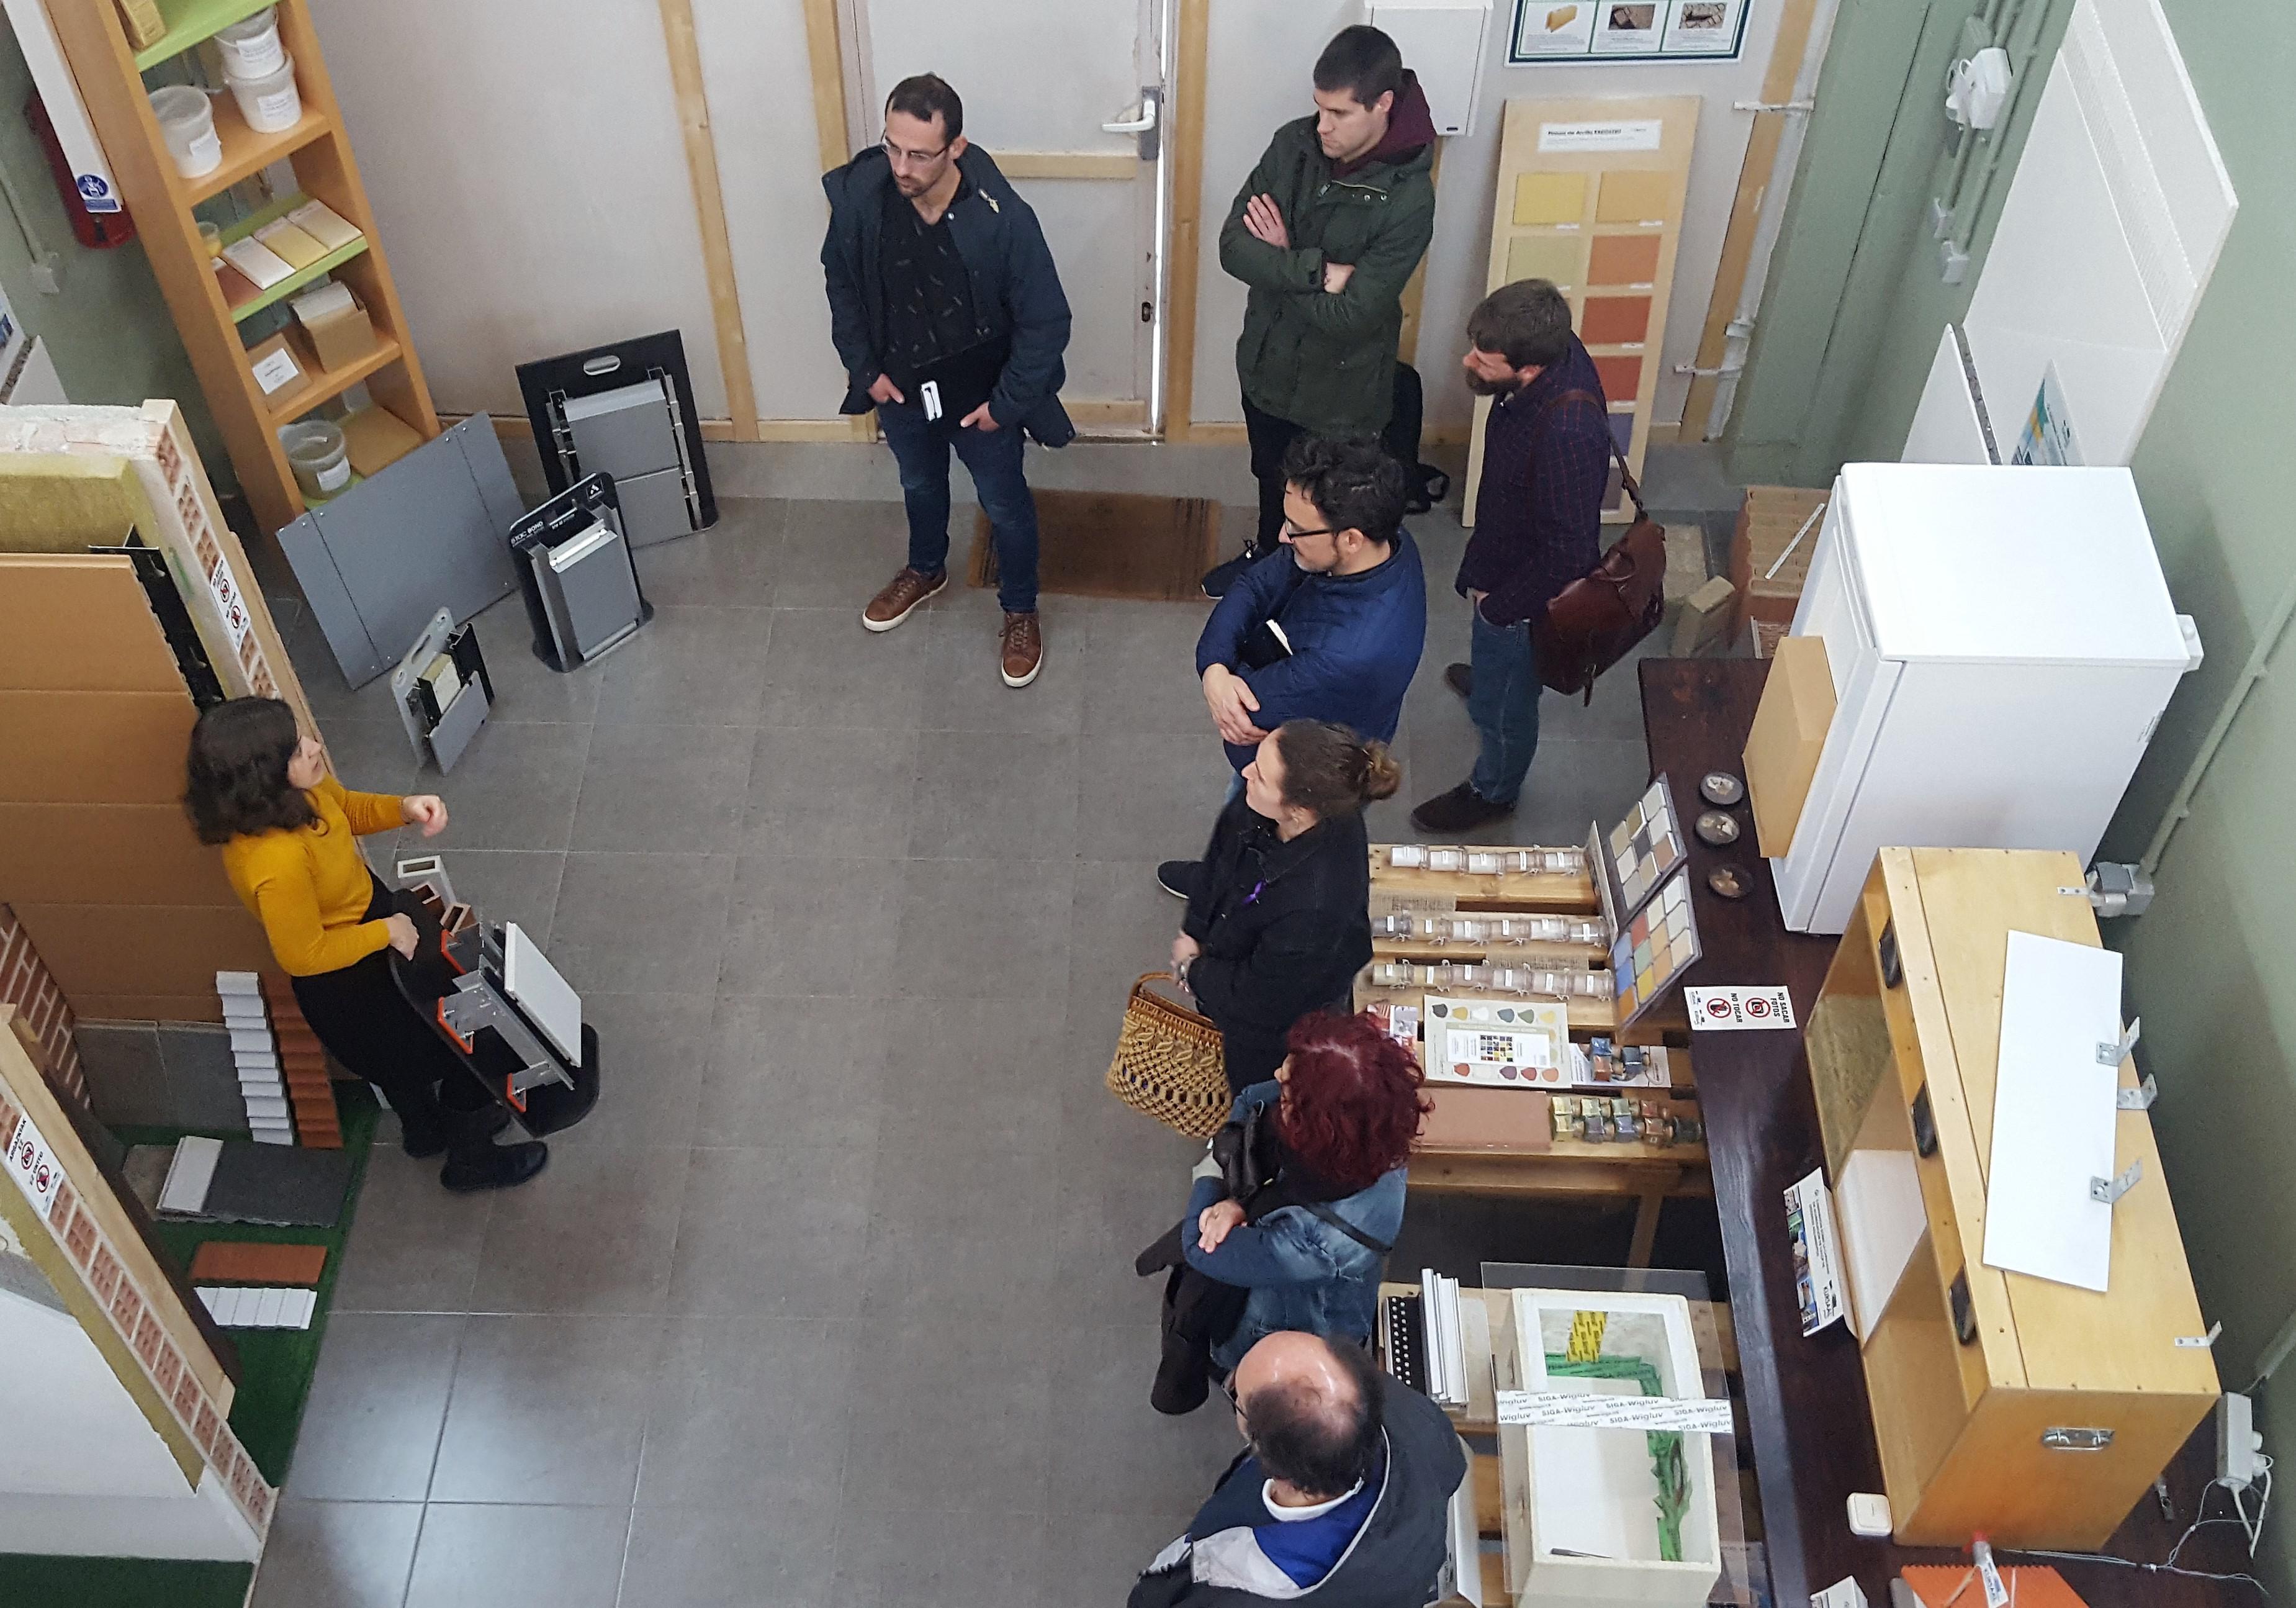 imagen 2 de noticia: arquitectos-y-arquitectos-tcnicos-visitan-kursaal-green-gela